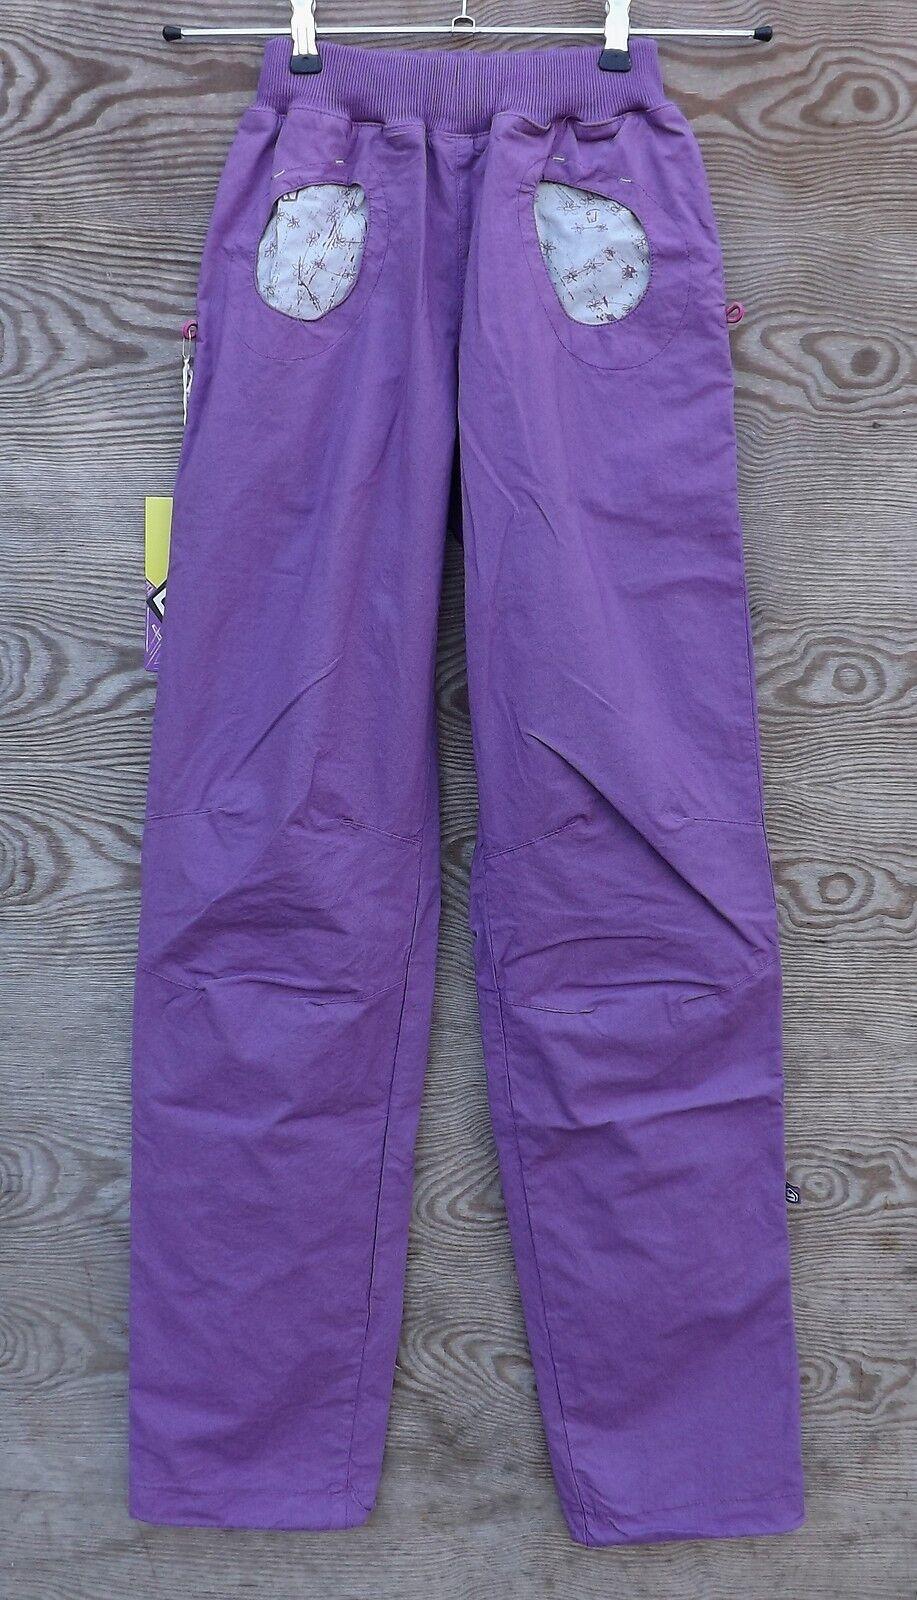 E9 Pulce Summer, Lightweight Women's Trousers, Climbing Climbing Pants, Cyclamen